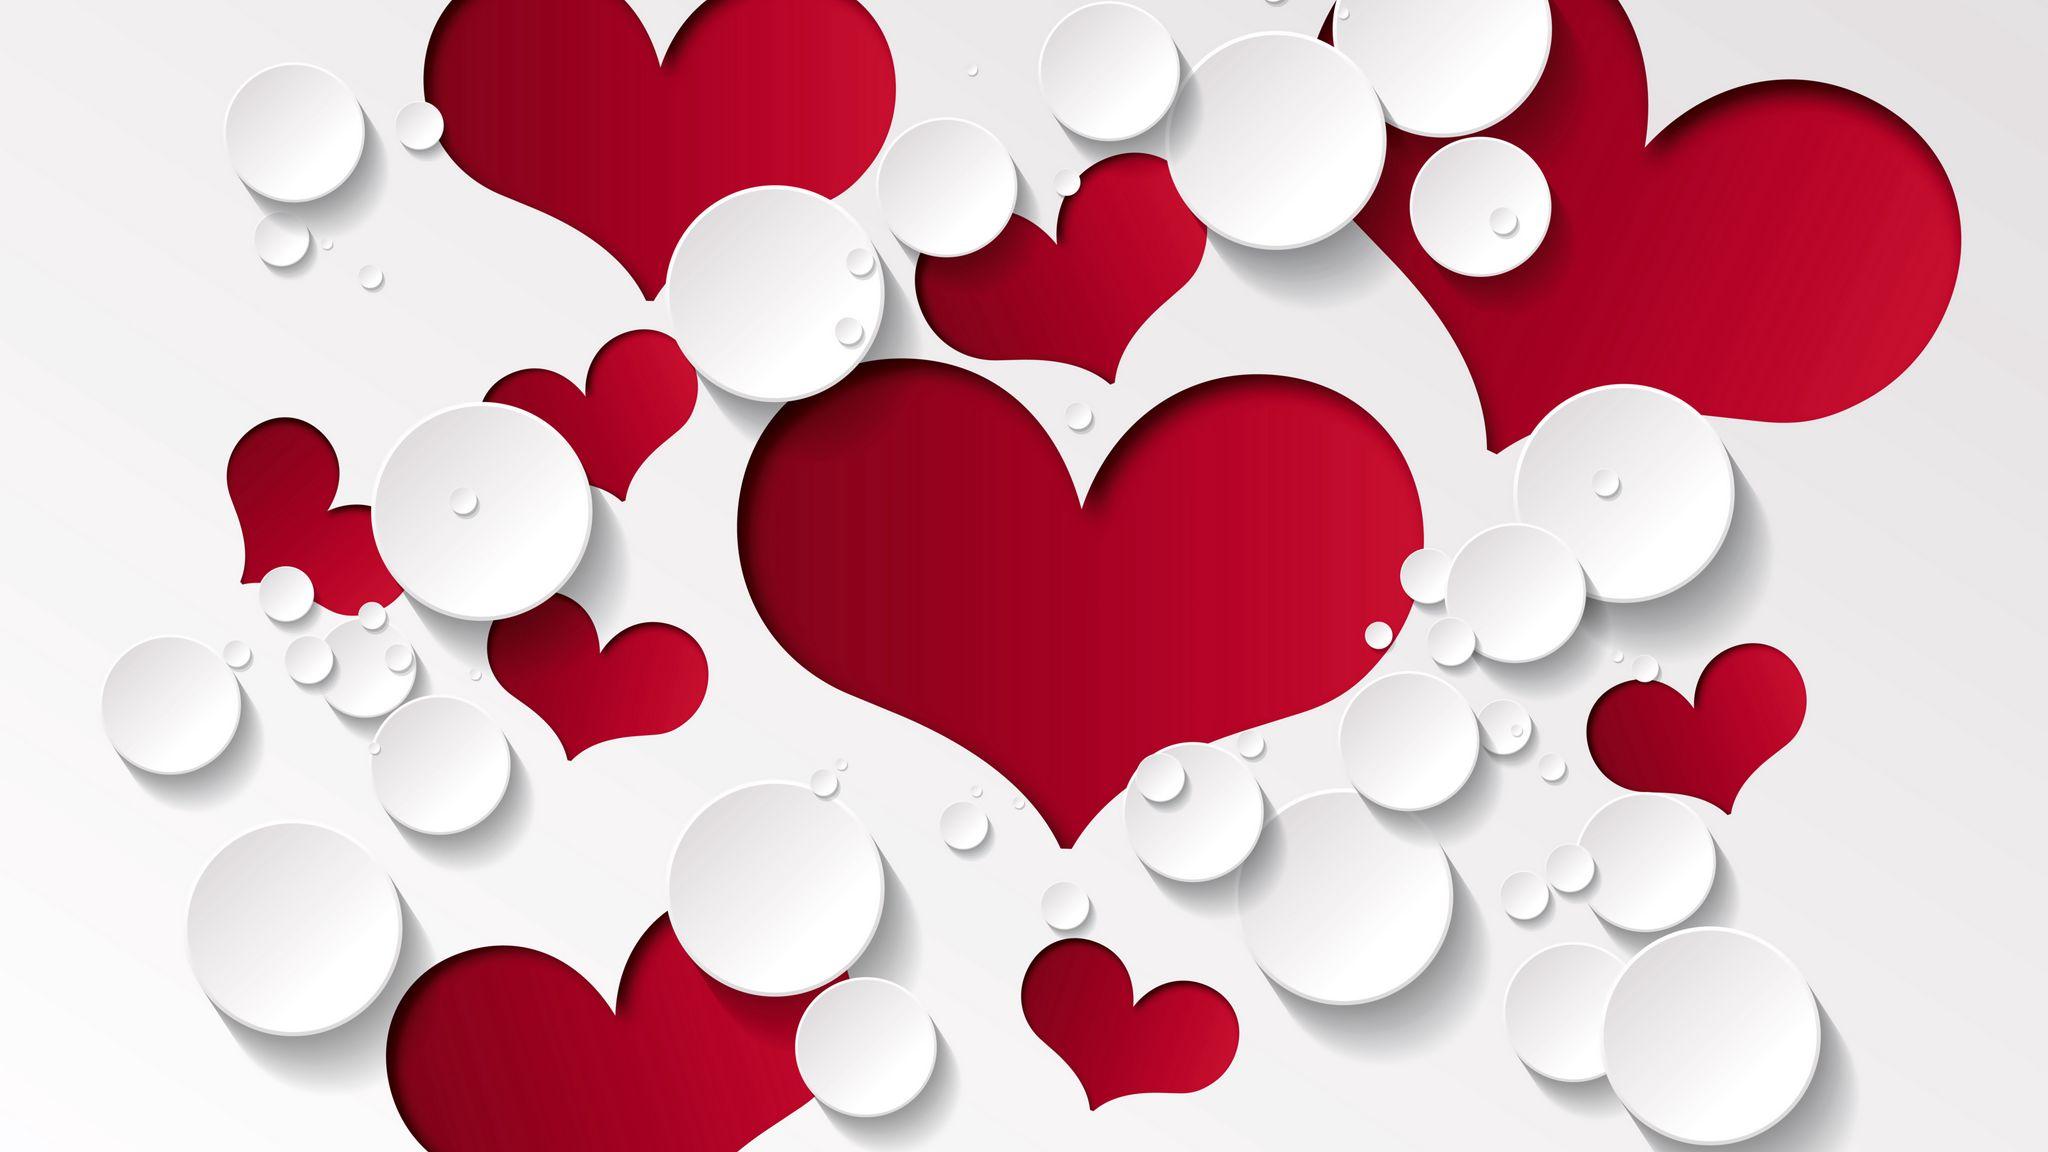 2048x1152 Wallpaper heart, shape, pattern